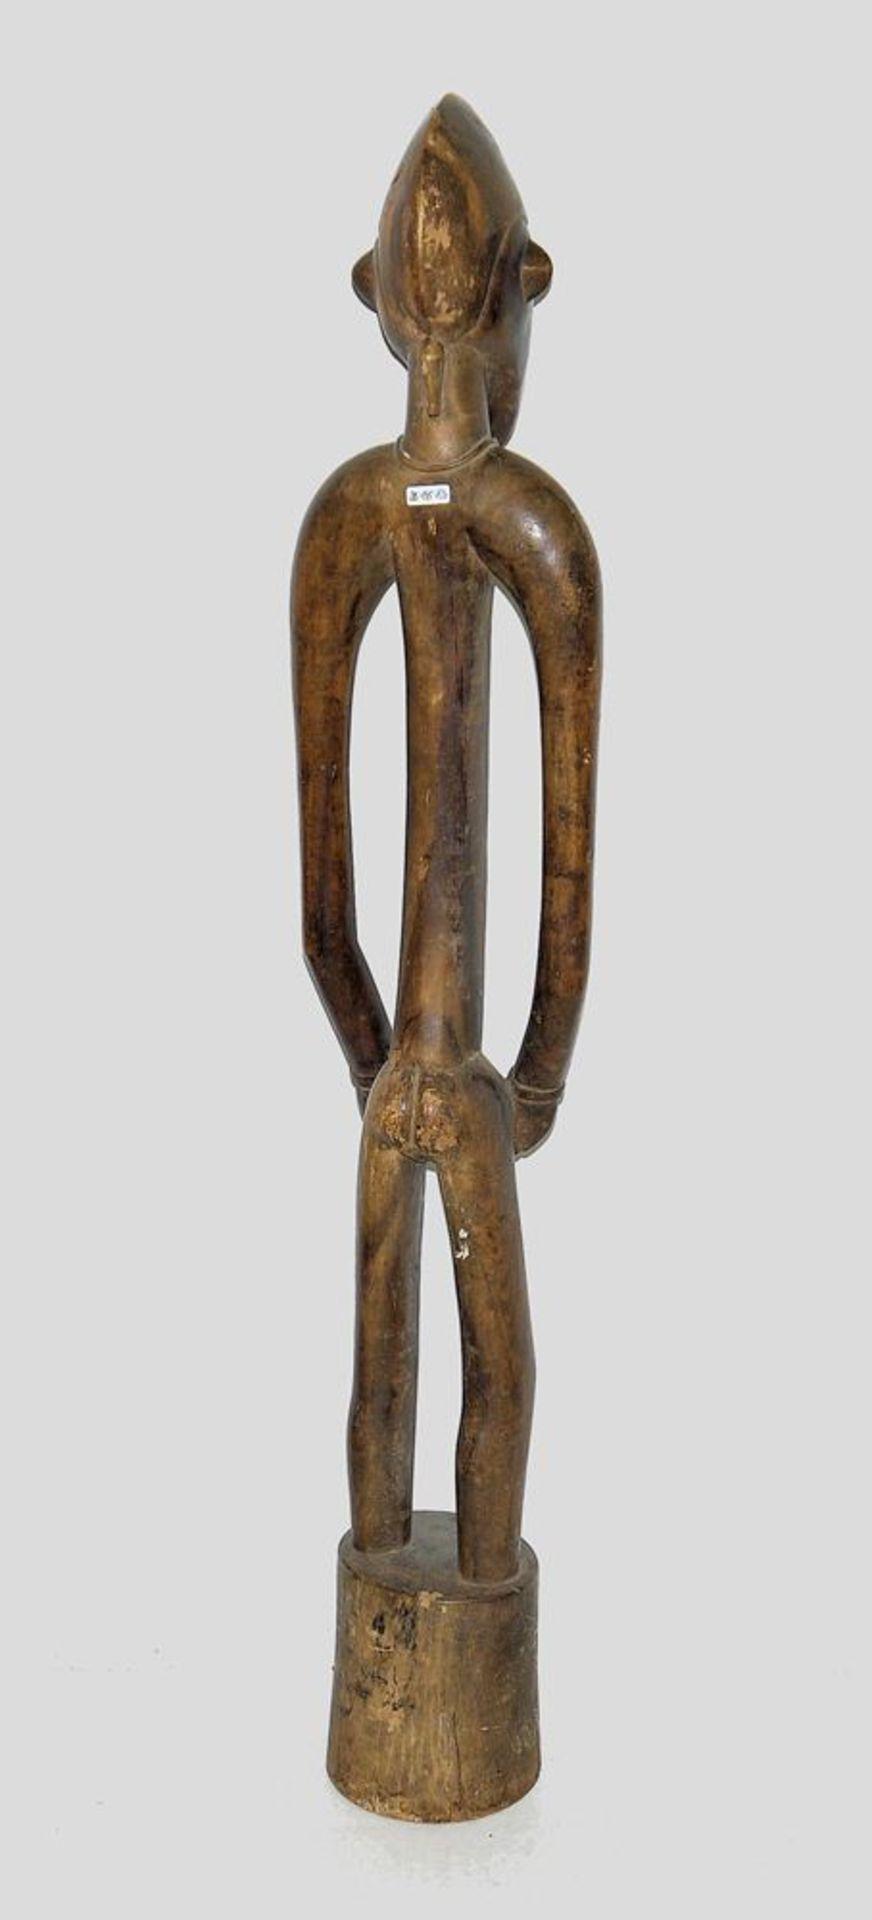 """Rhythmus-Stampfer """"Siibele"""" der Senufo, Mali/Elfenbeinküste - Bild 3 aus 3"""